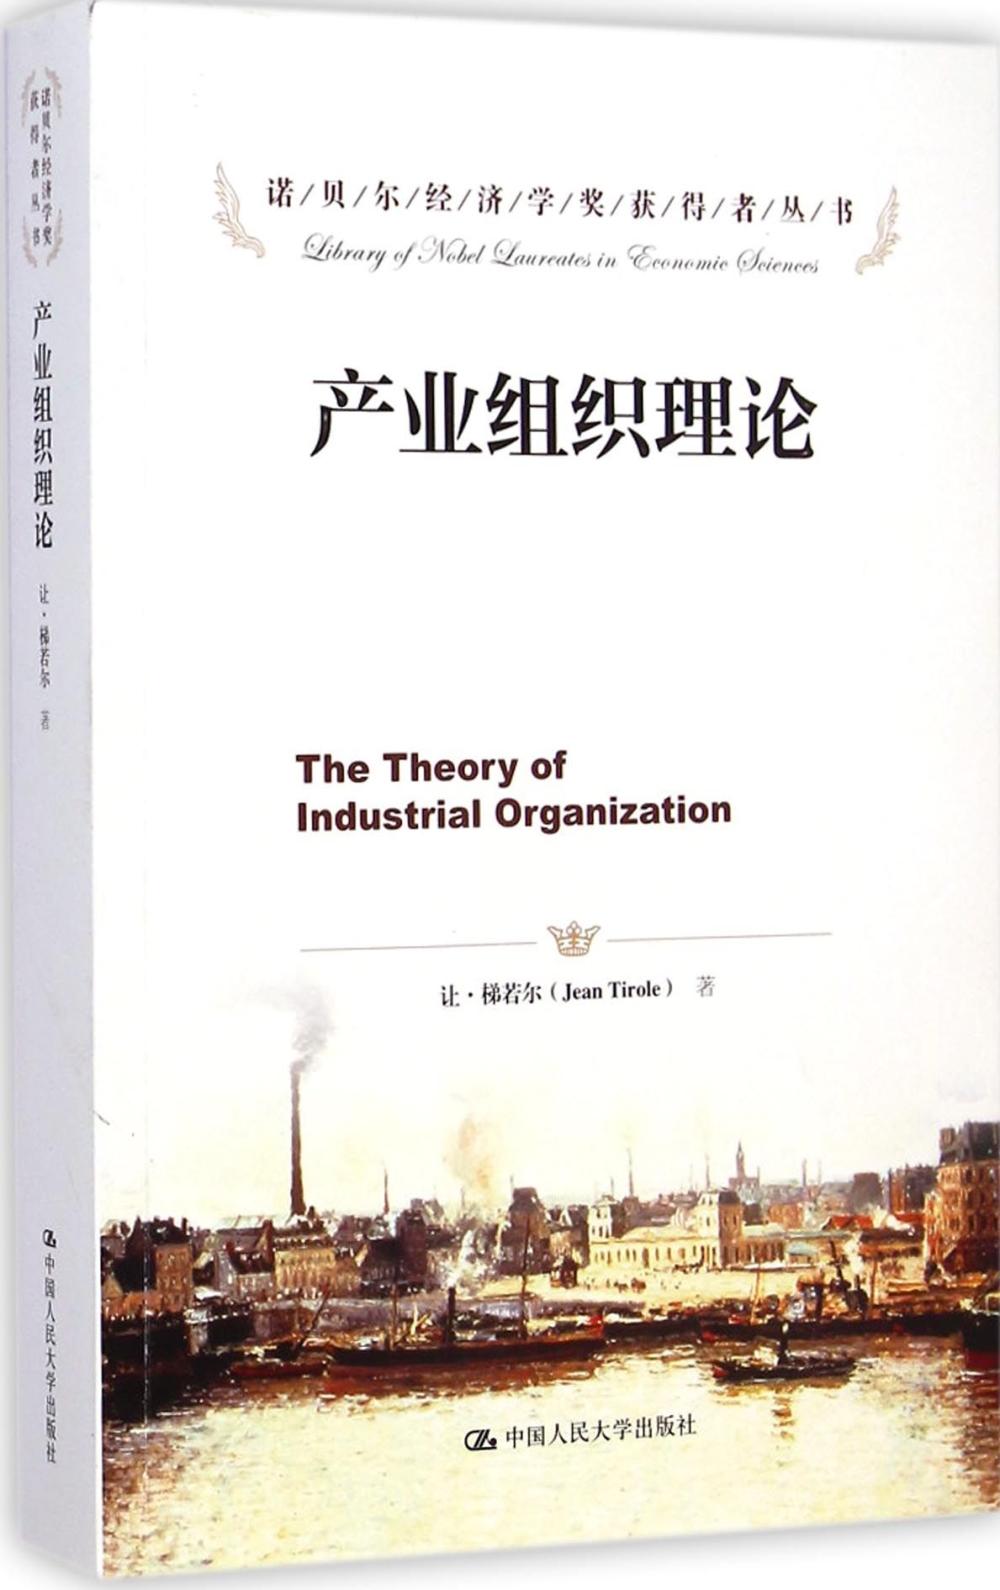 產業組織理論(2014諾貝爾經濟學獎得主作品)